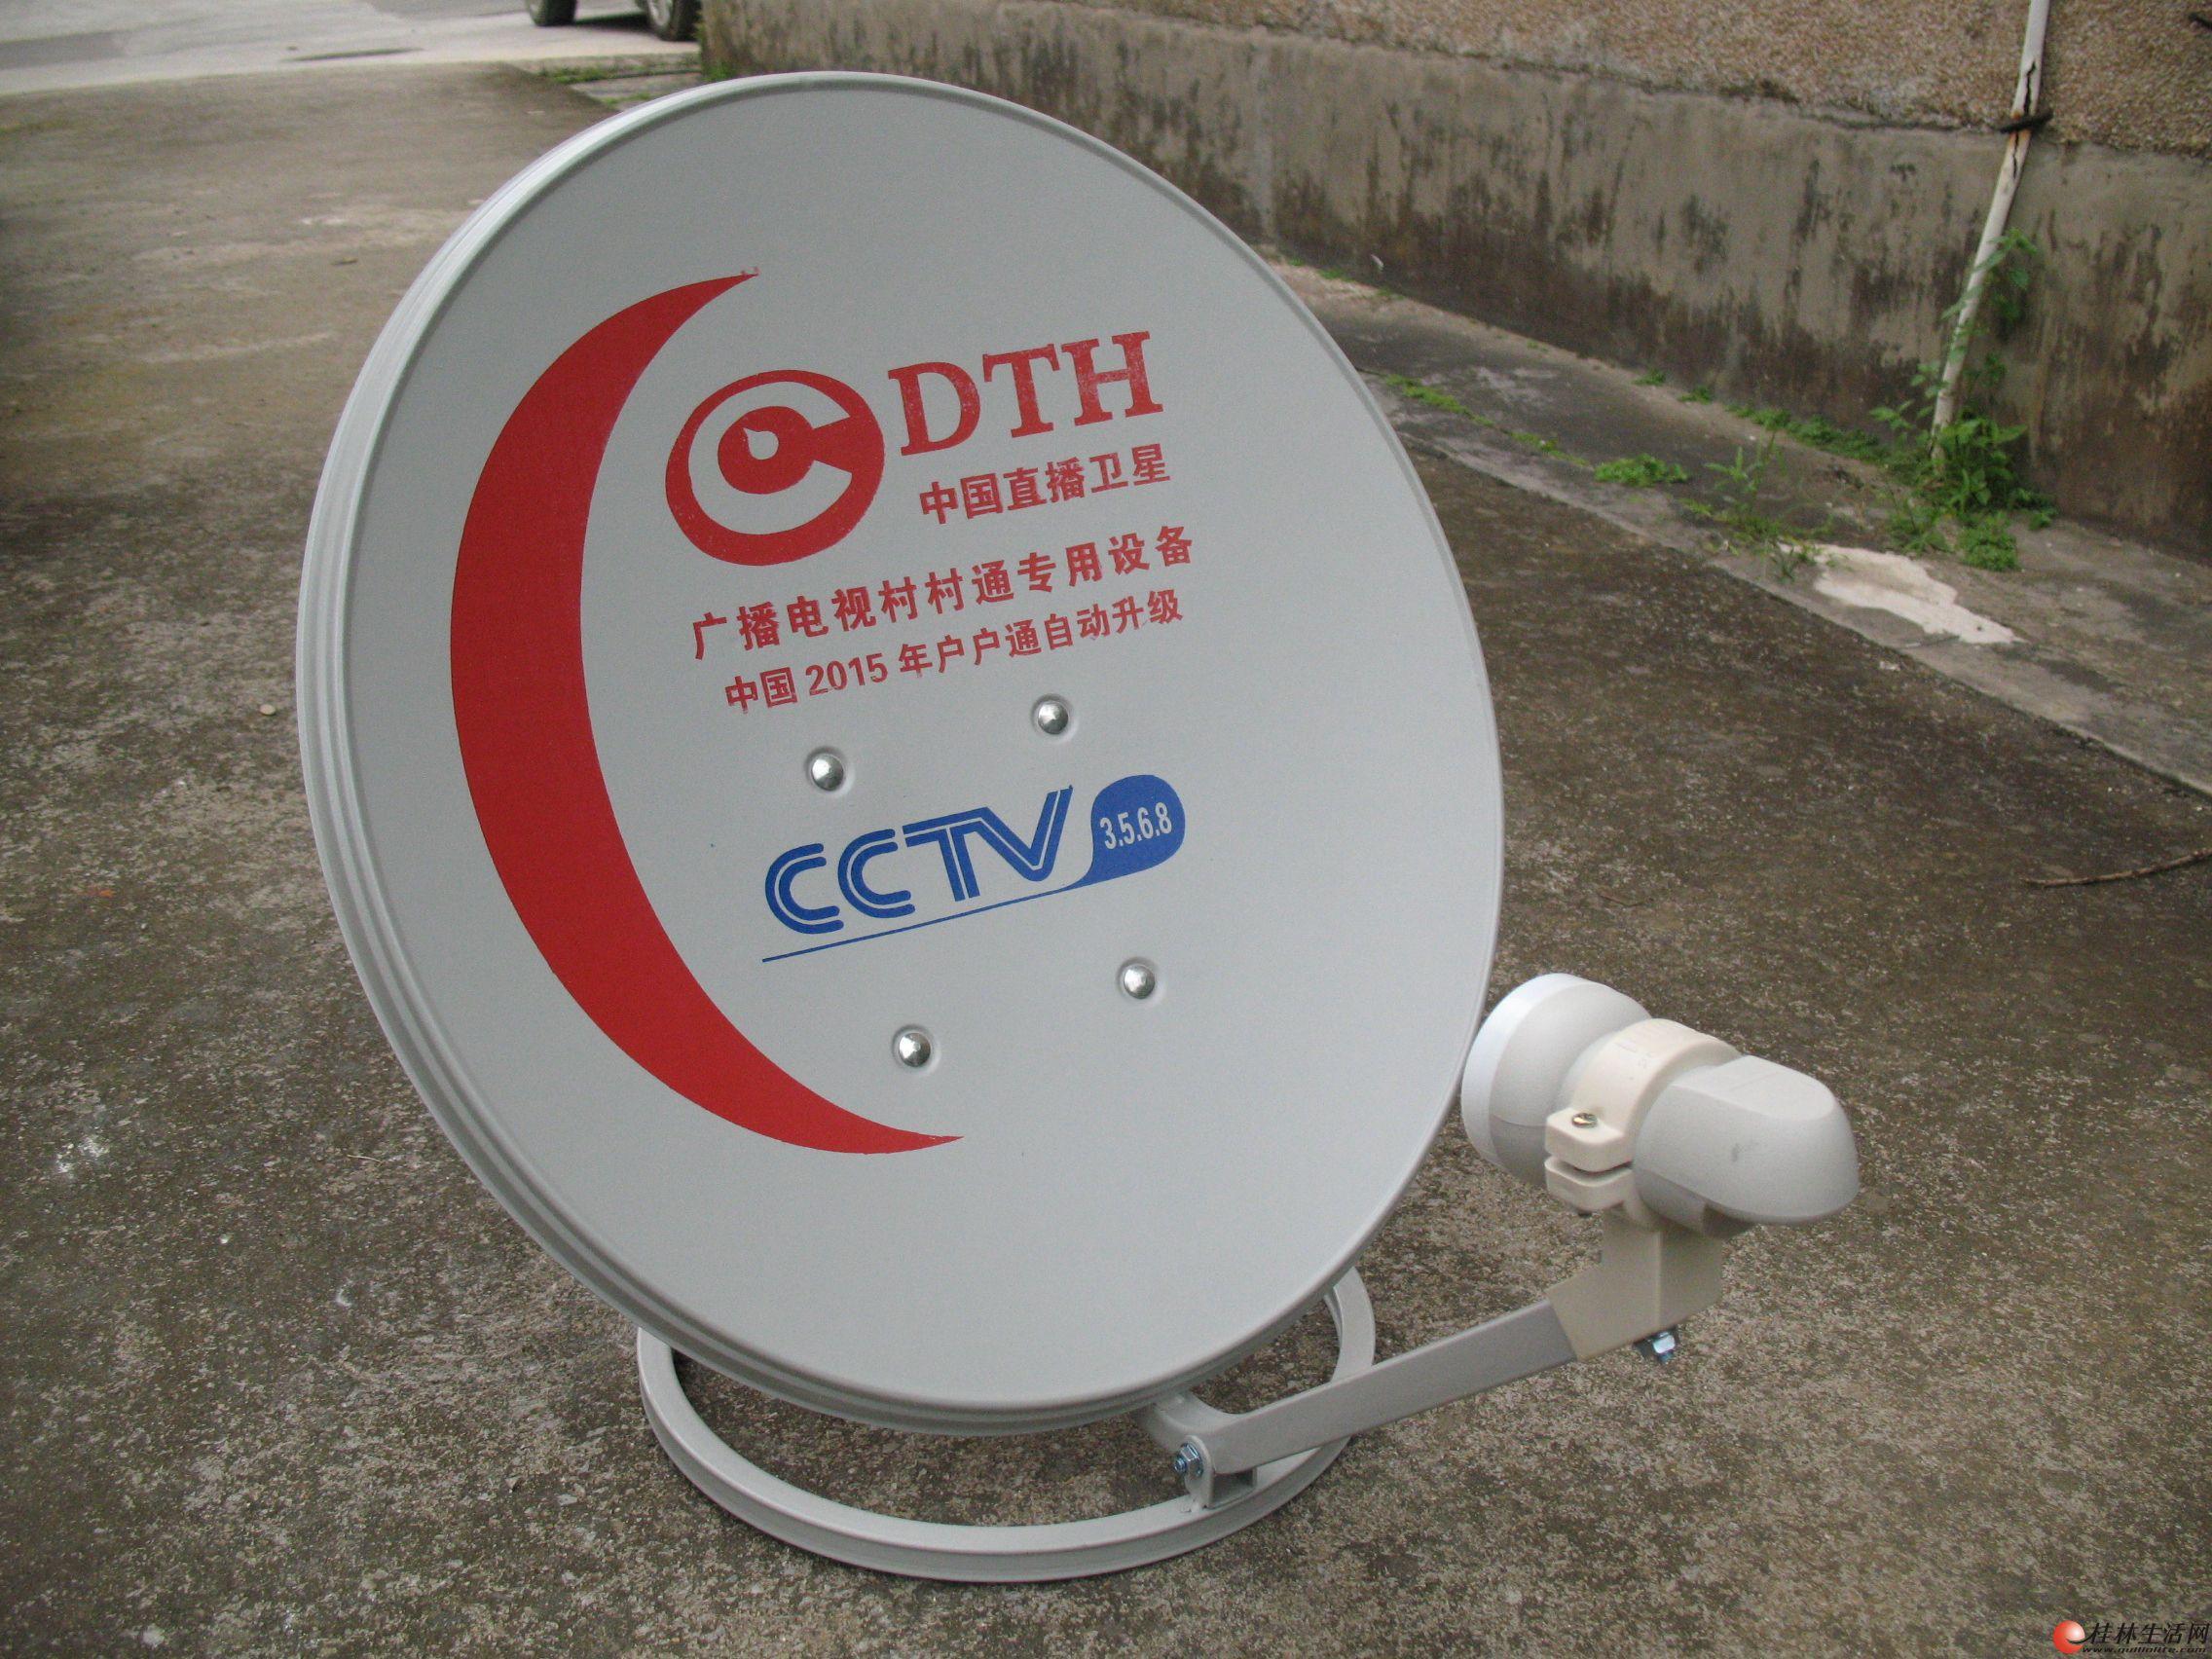 安装卫星锅盖电视,、可维修